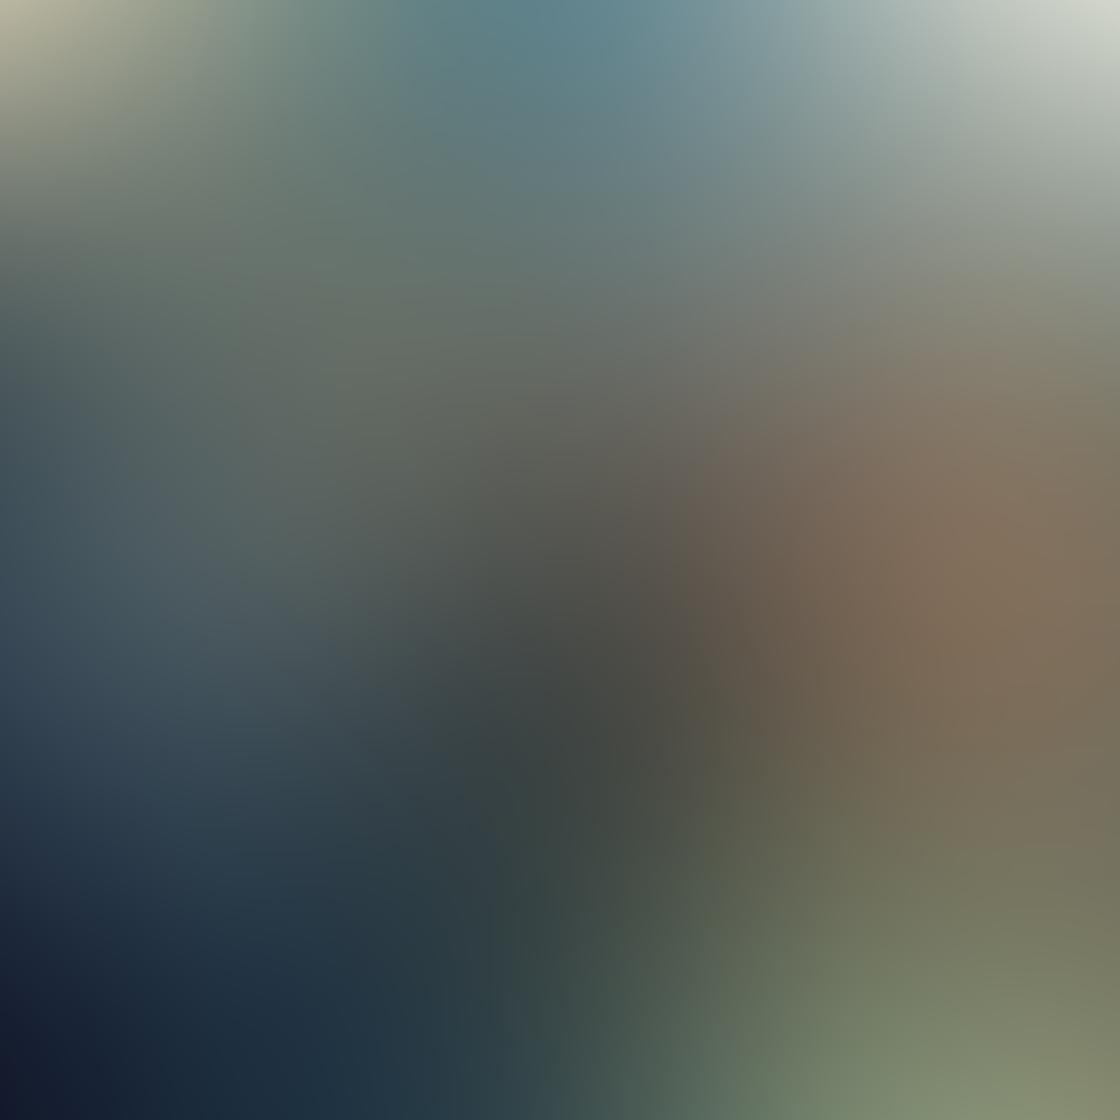 iPhone Photos Texture 31